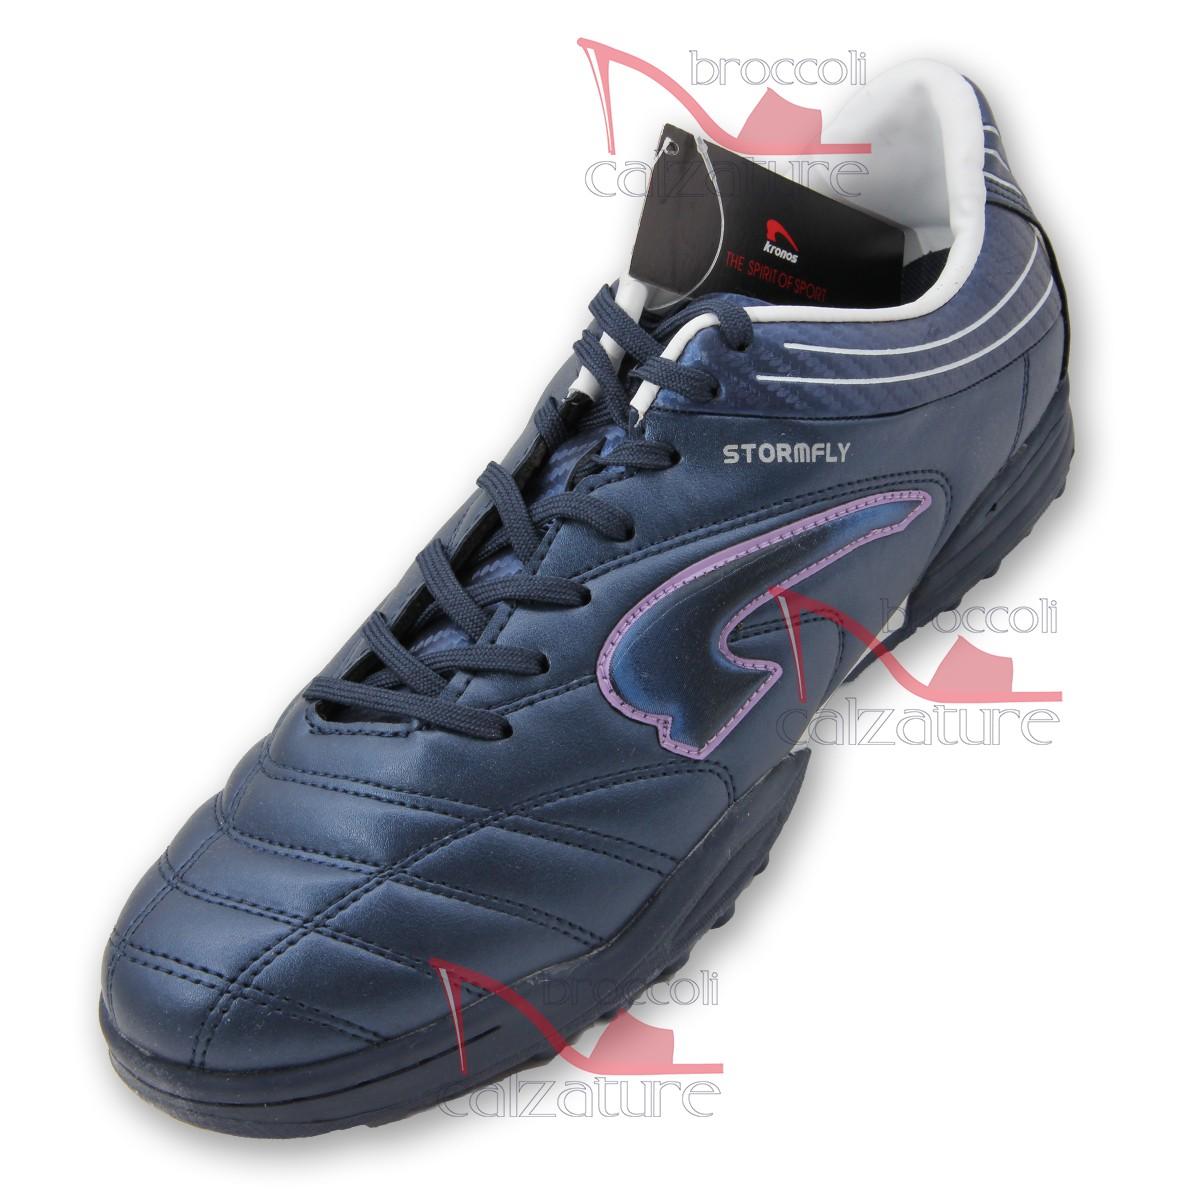 4a988b58b5 scarpe kronos